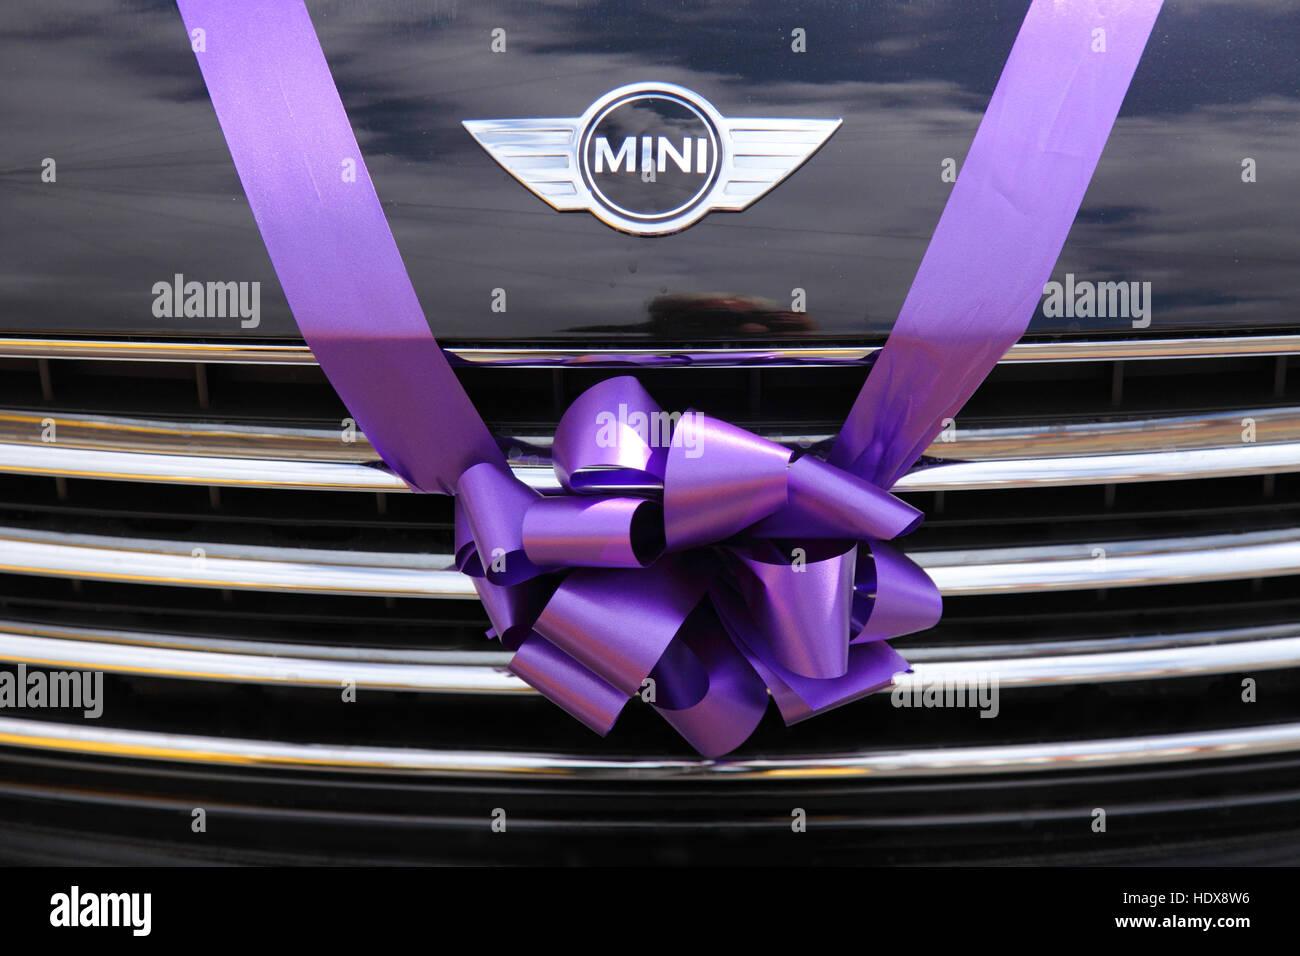 BMW Mini utilisé comme voiture de mariage, attachés avec un ruban violet rose et bow sur la calandre. Photo Stock